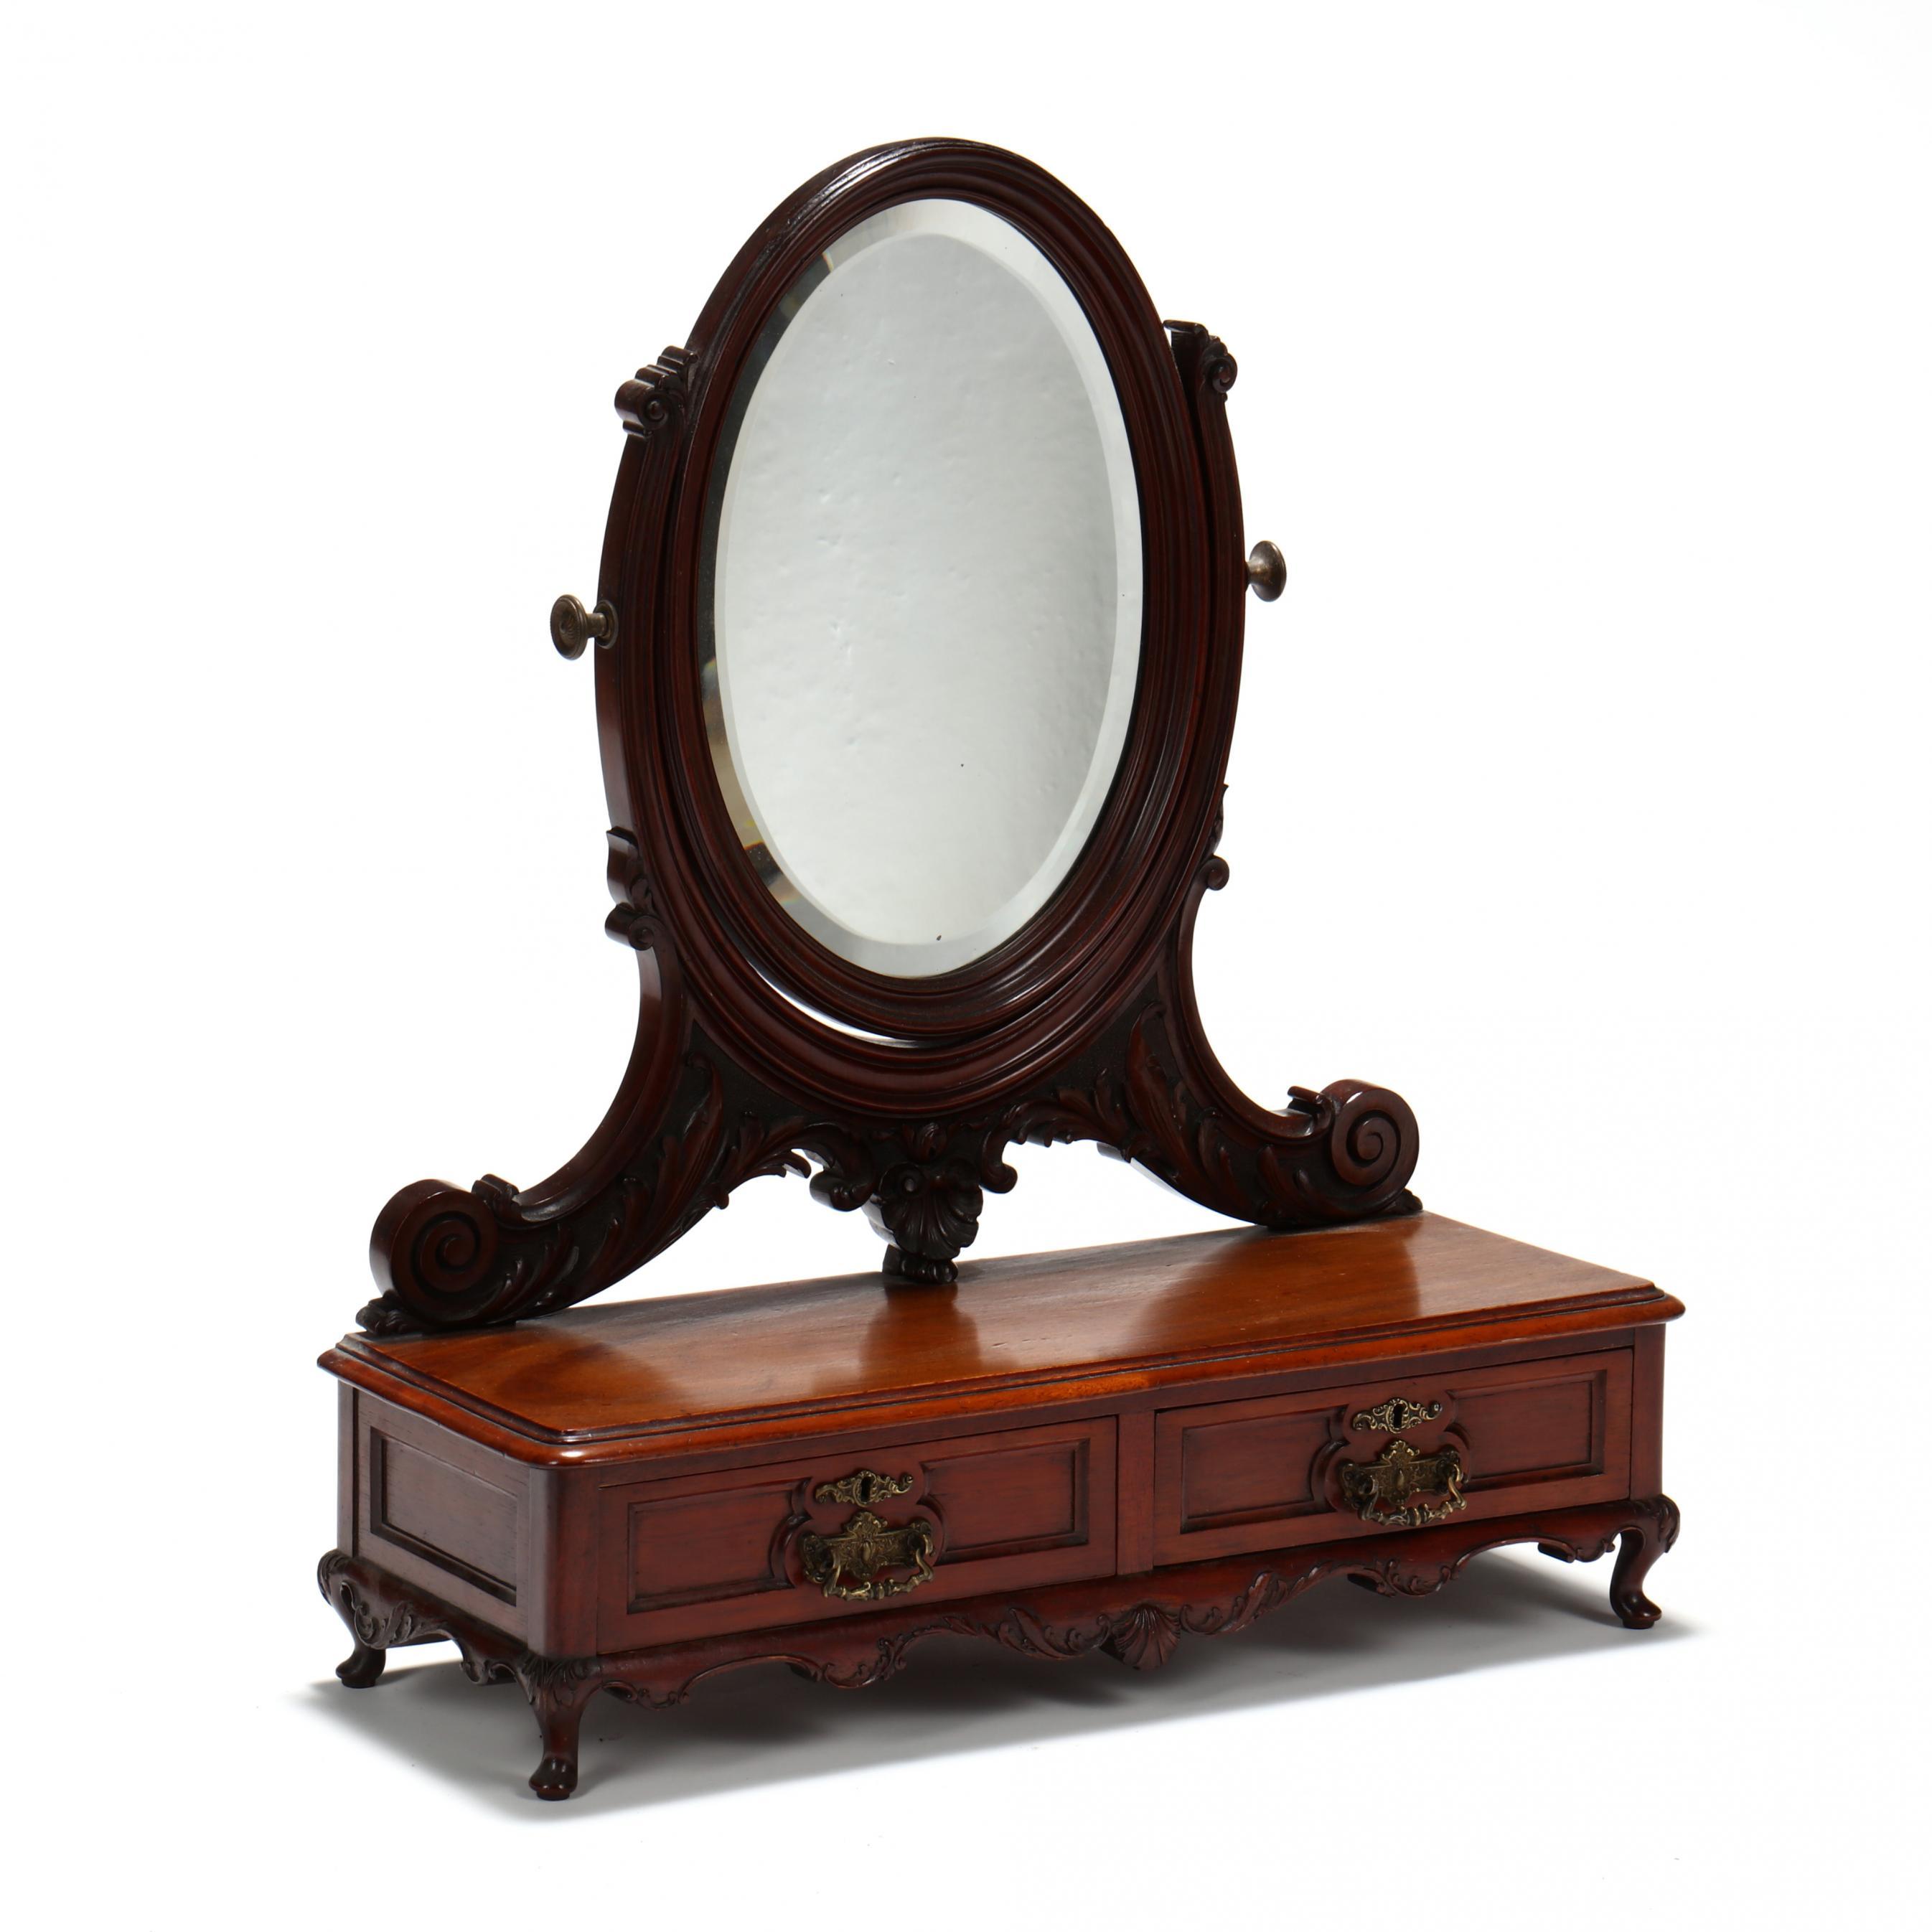 john-henry-belter-carved-mahogany-dressing-mirror